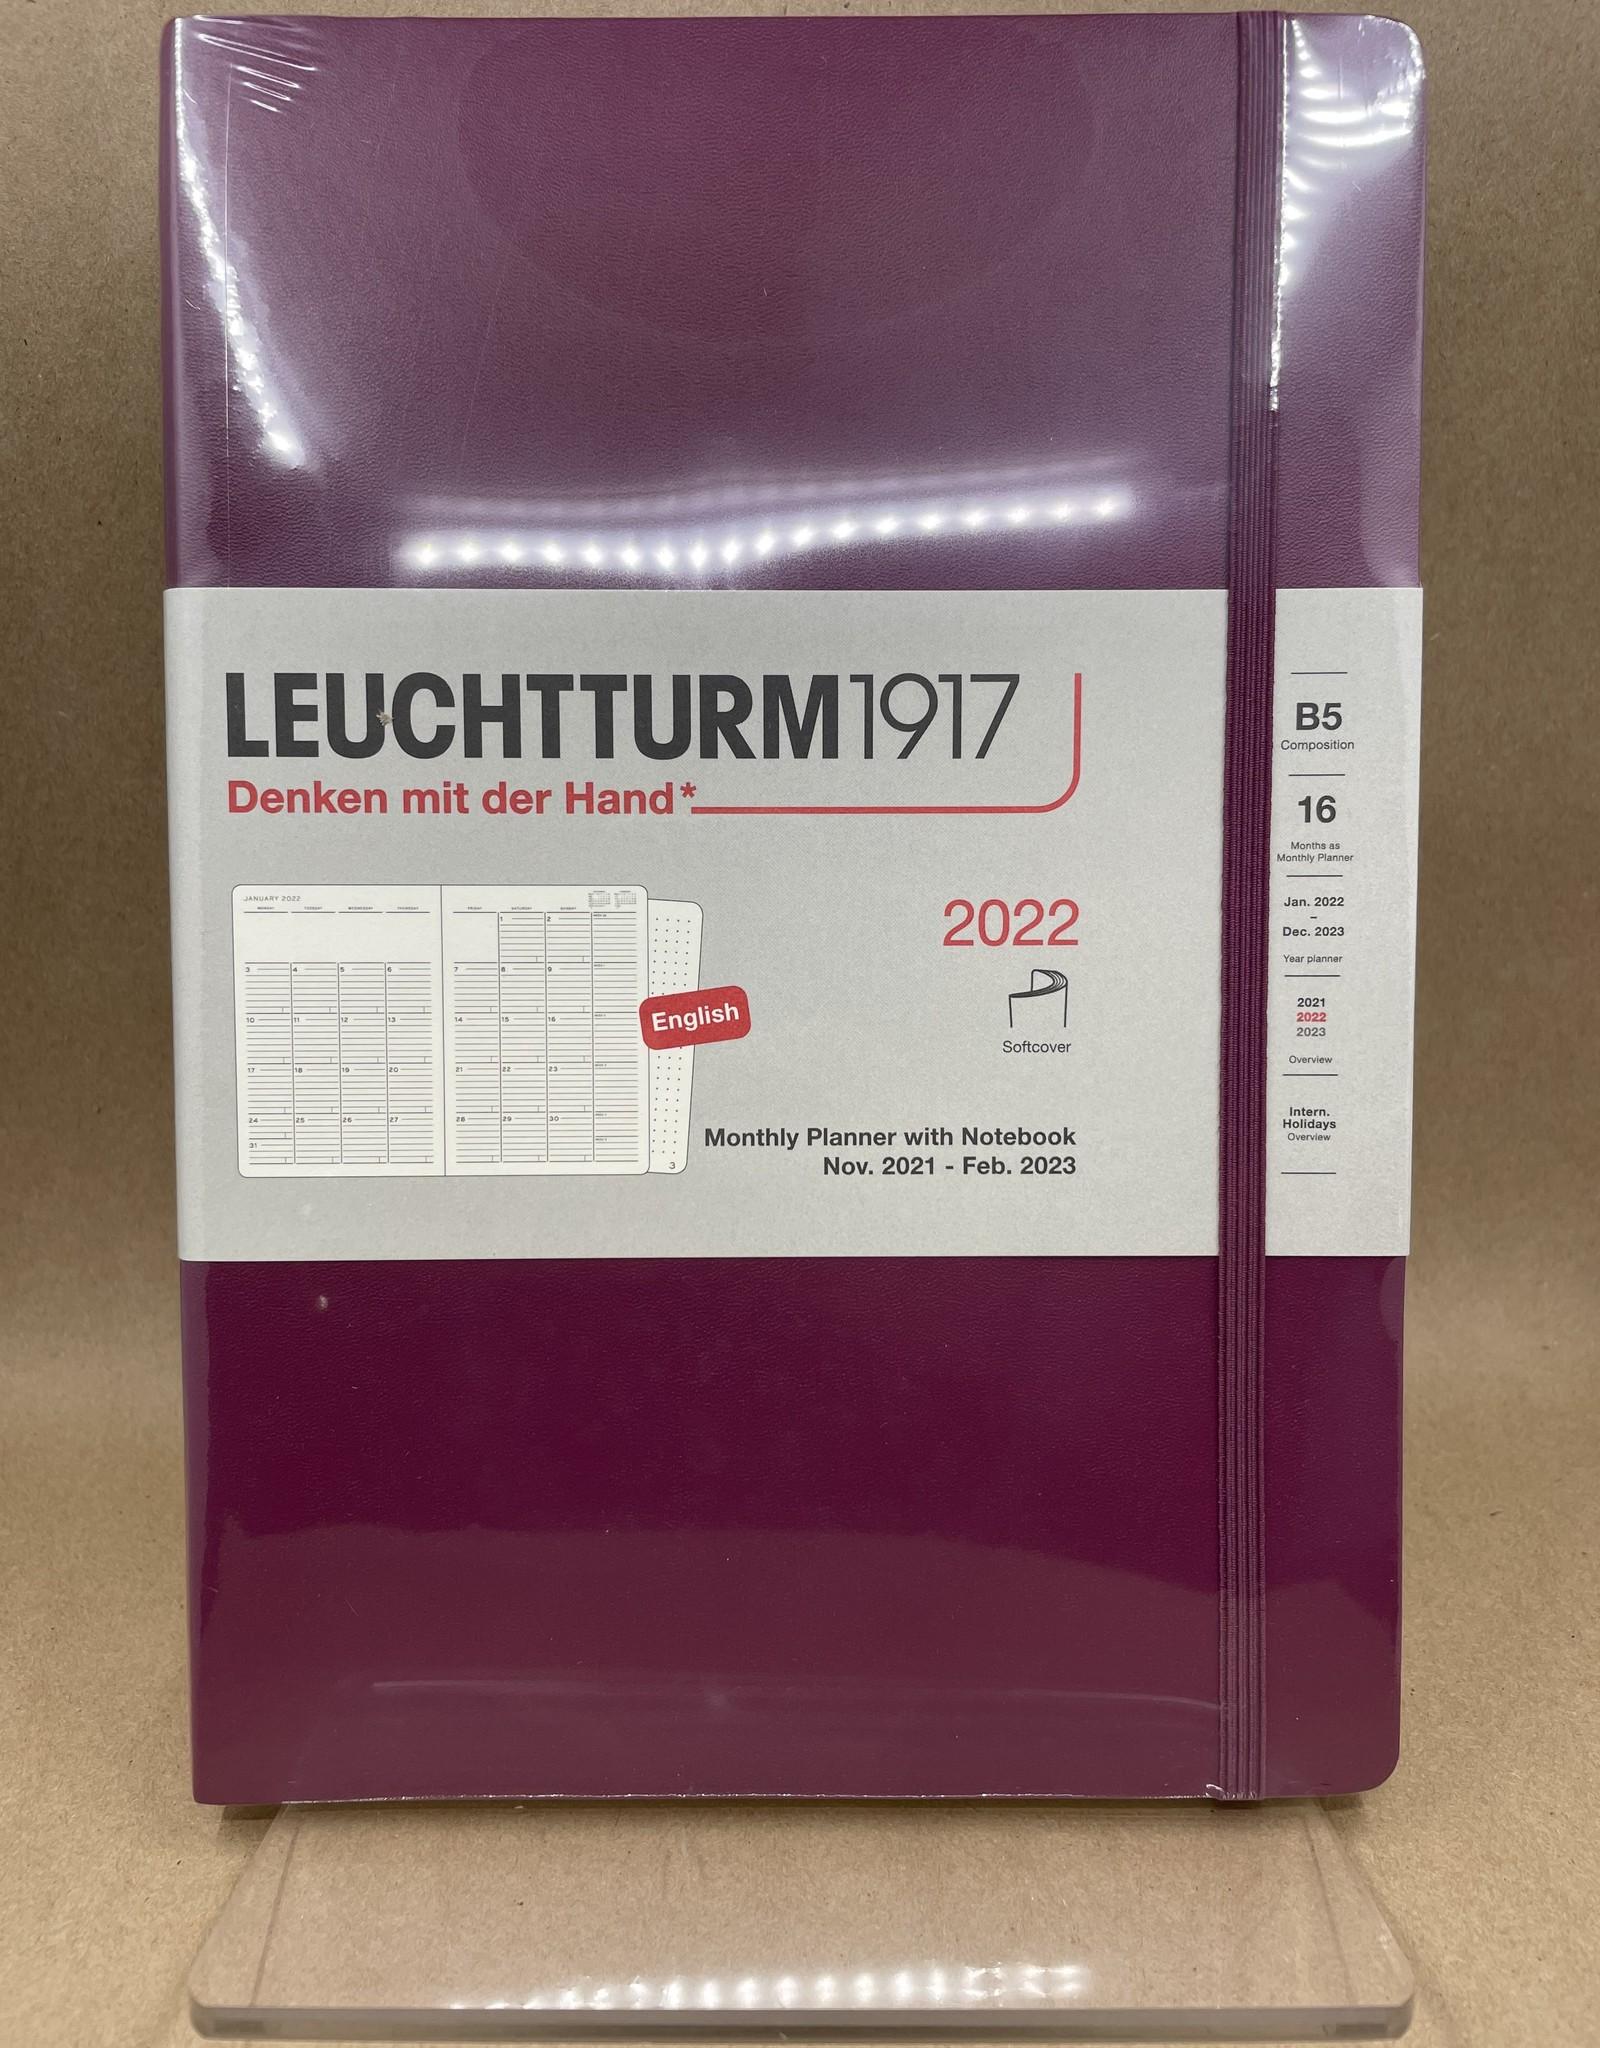 Leuchtturm 1917 2022 Monthly Planner & Notebook